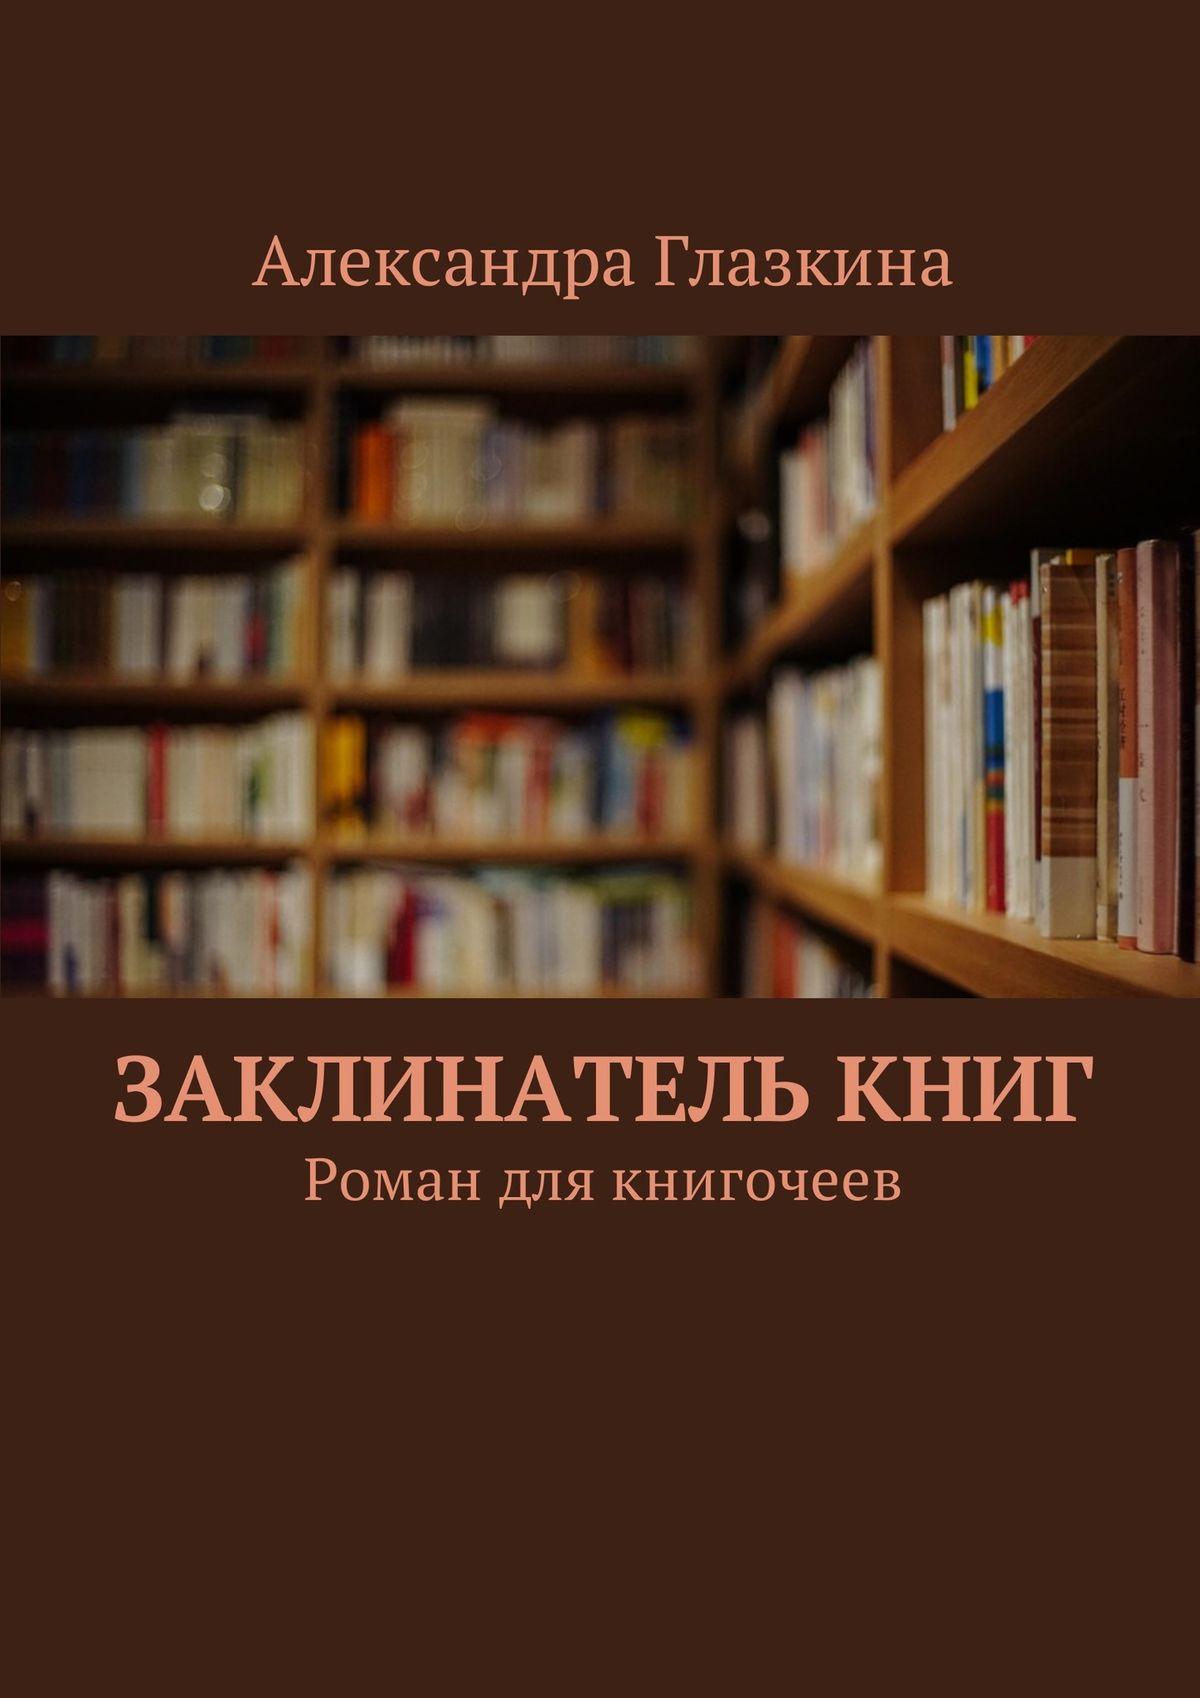 zaklinatel knig roman dlya knigocheev